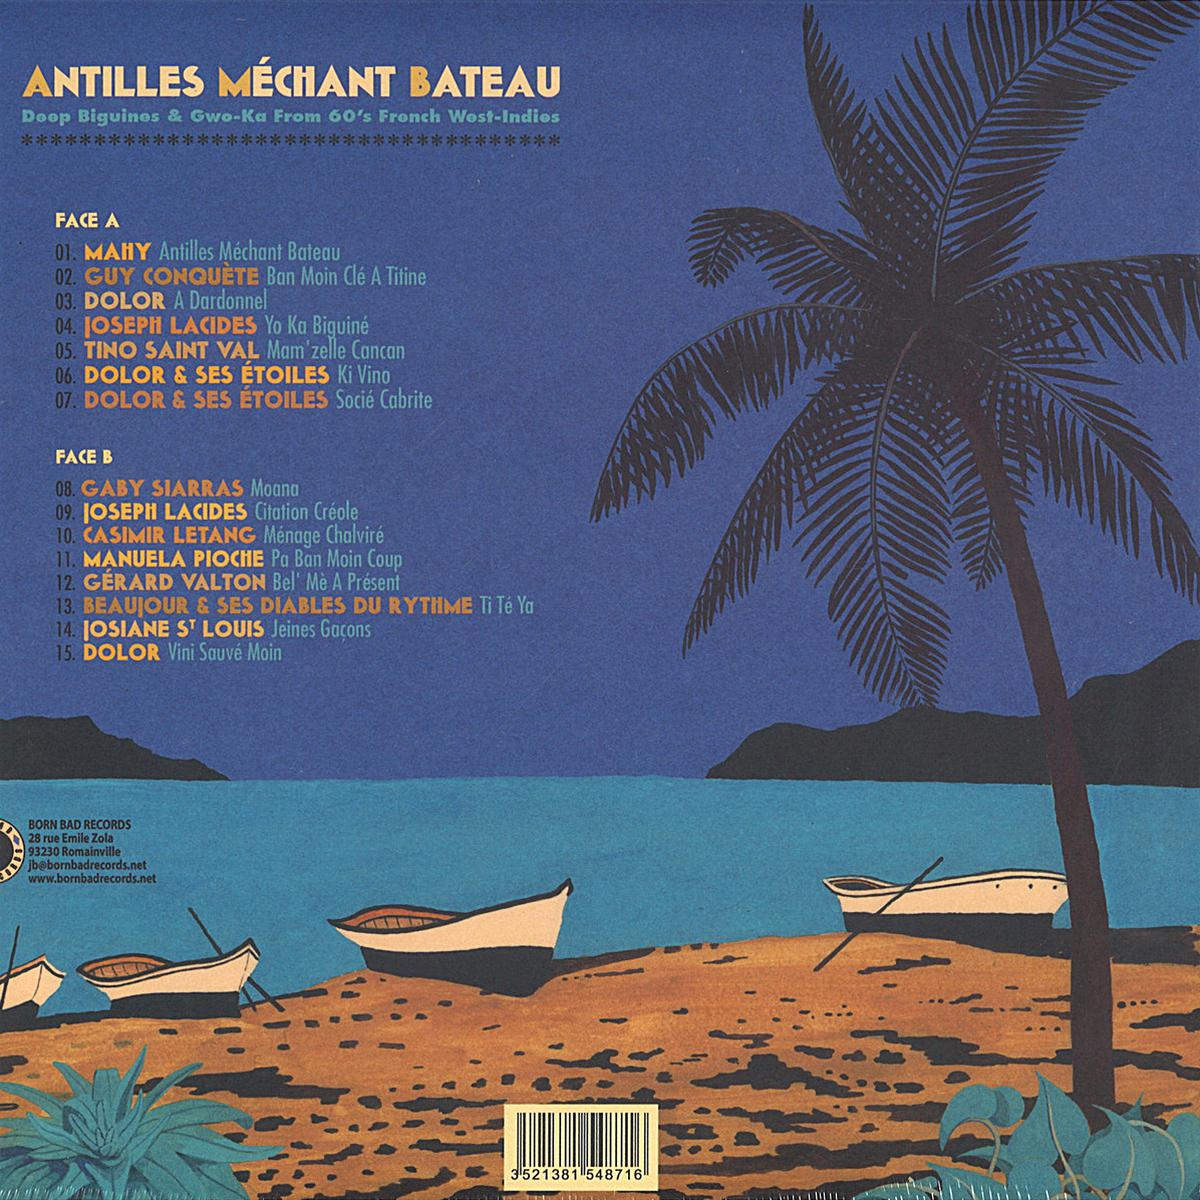 Verso de la pochette d'album Antilles Méchant Bateau